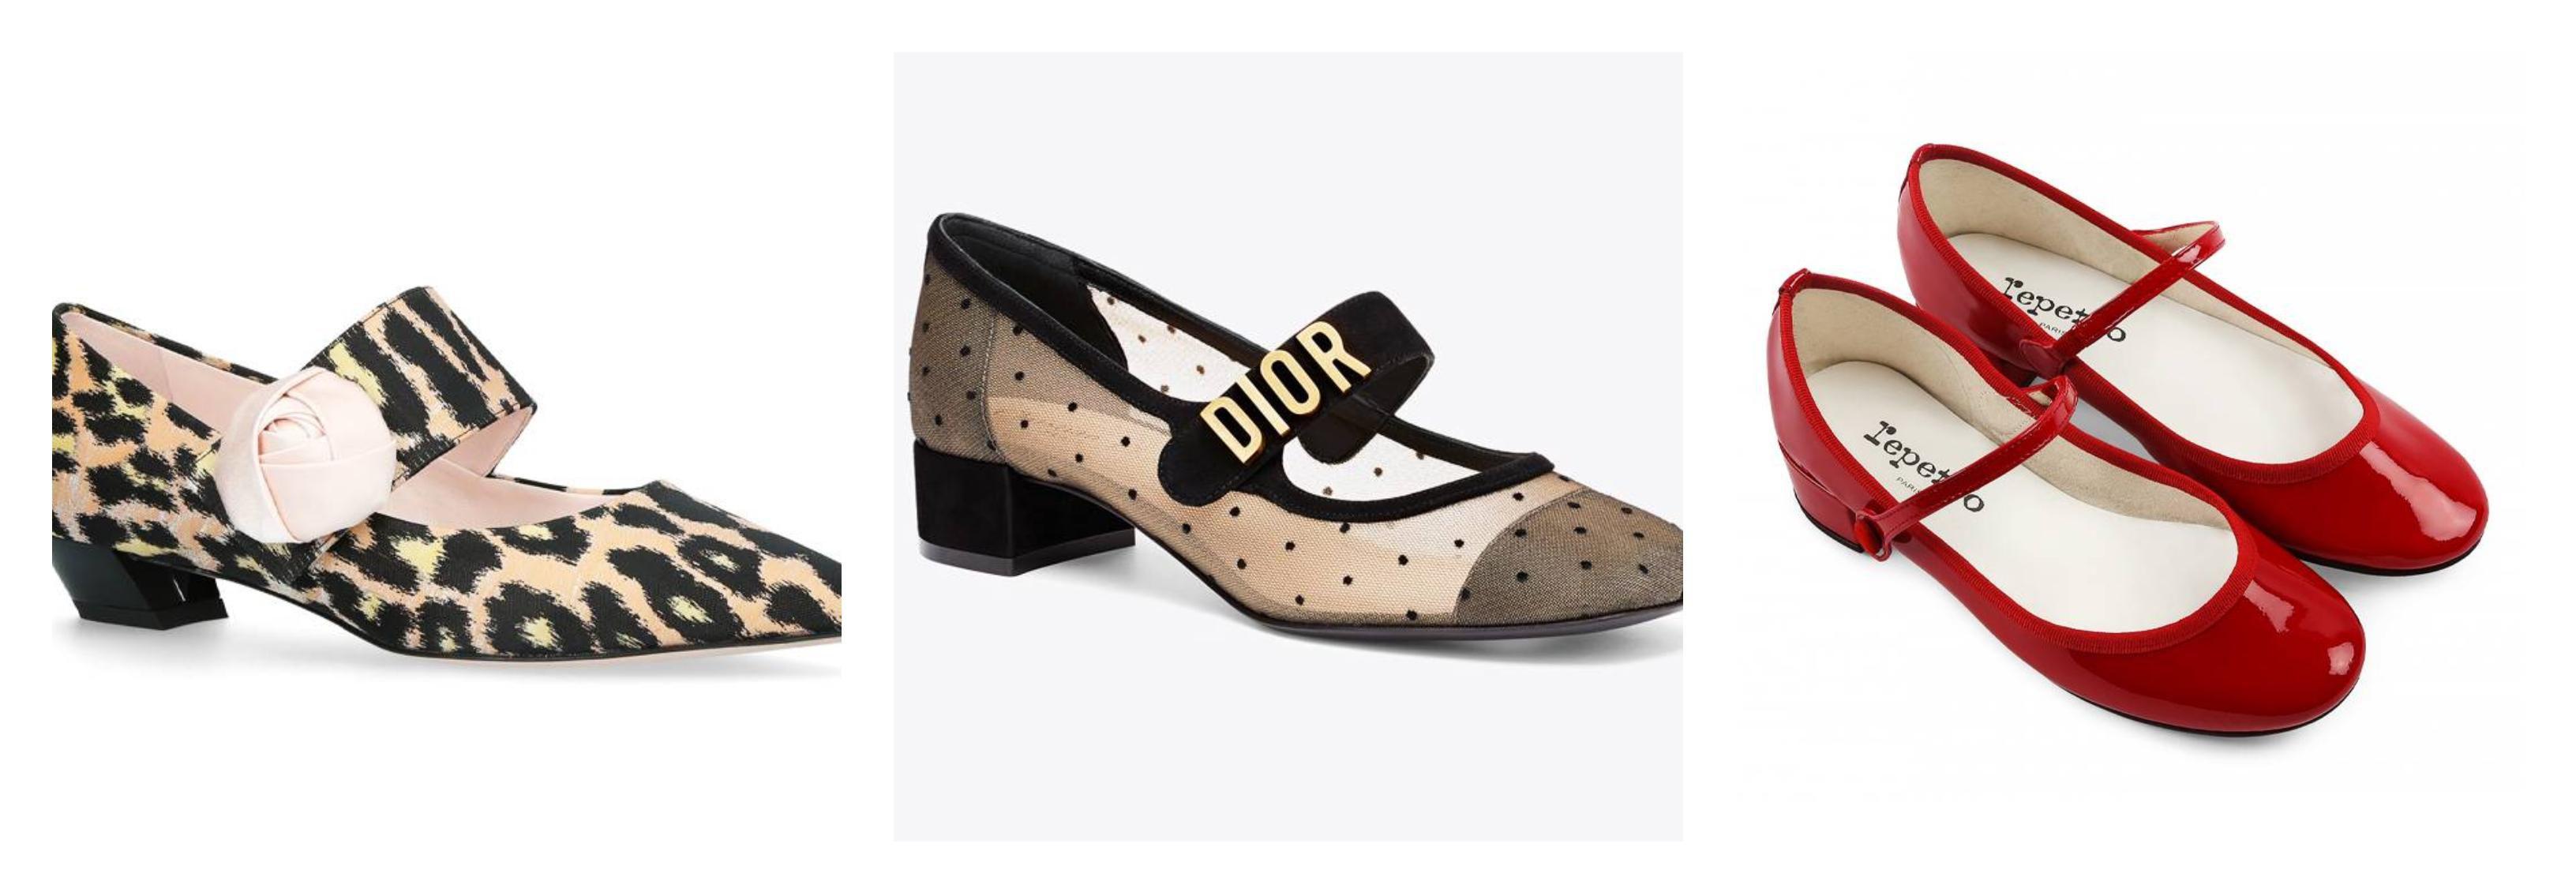 Mary Jane model cipela vraća nam se u modu! Izabrali smo najljepše modele za proljeće